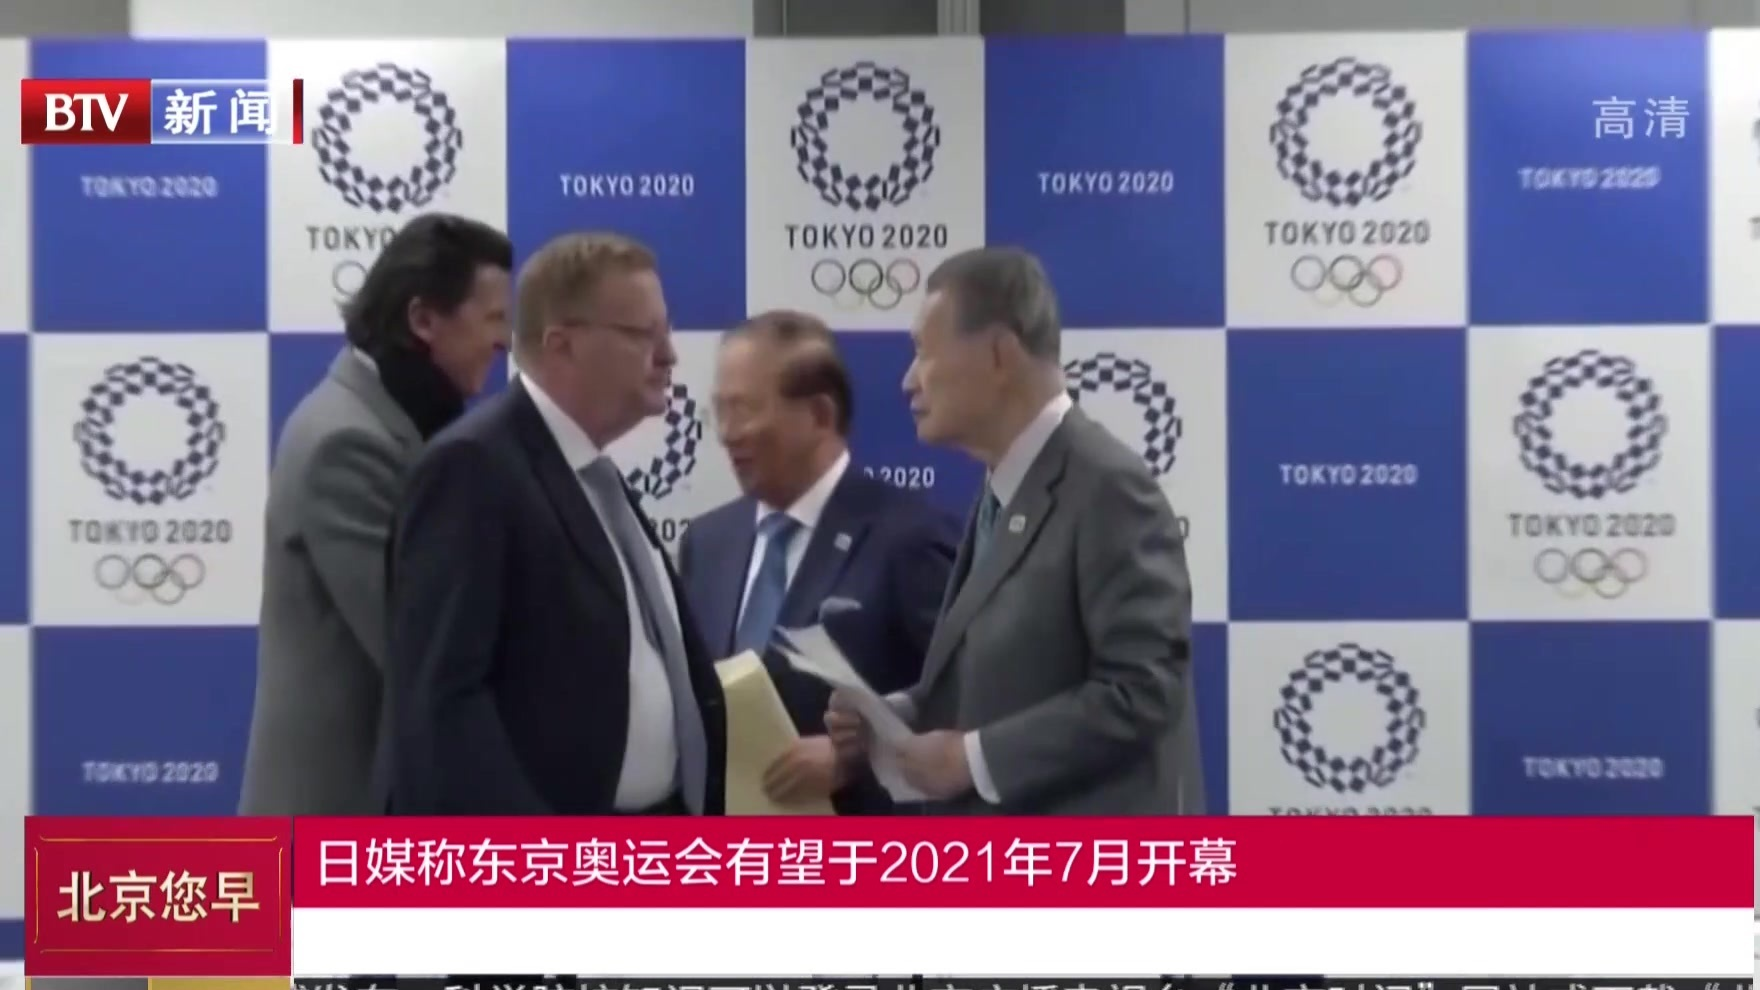 日媒称东京奥运会有望于2021年7月开幕